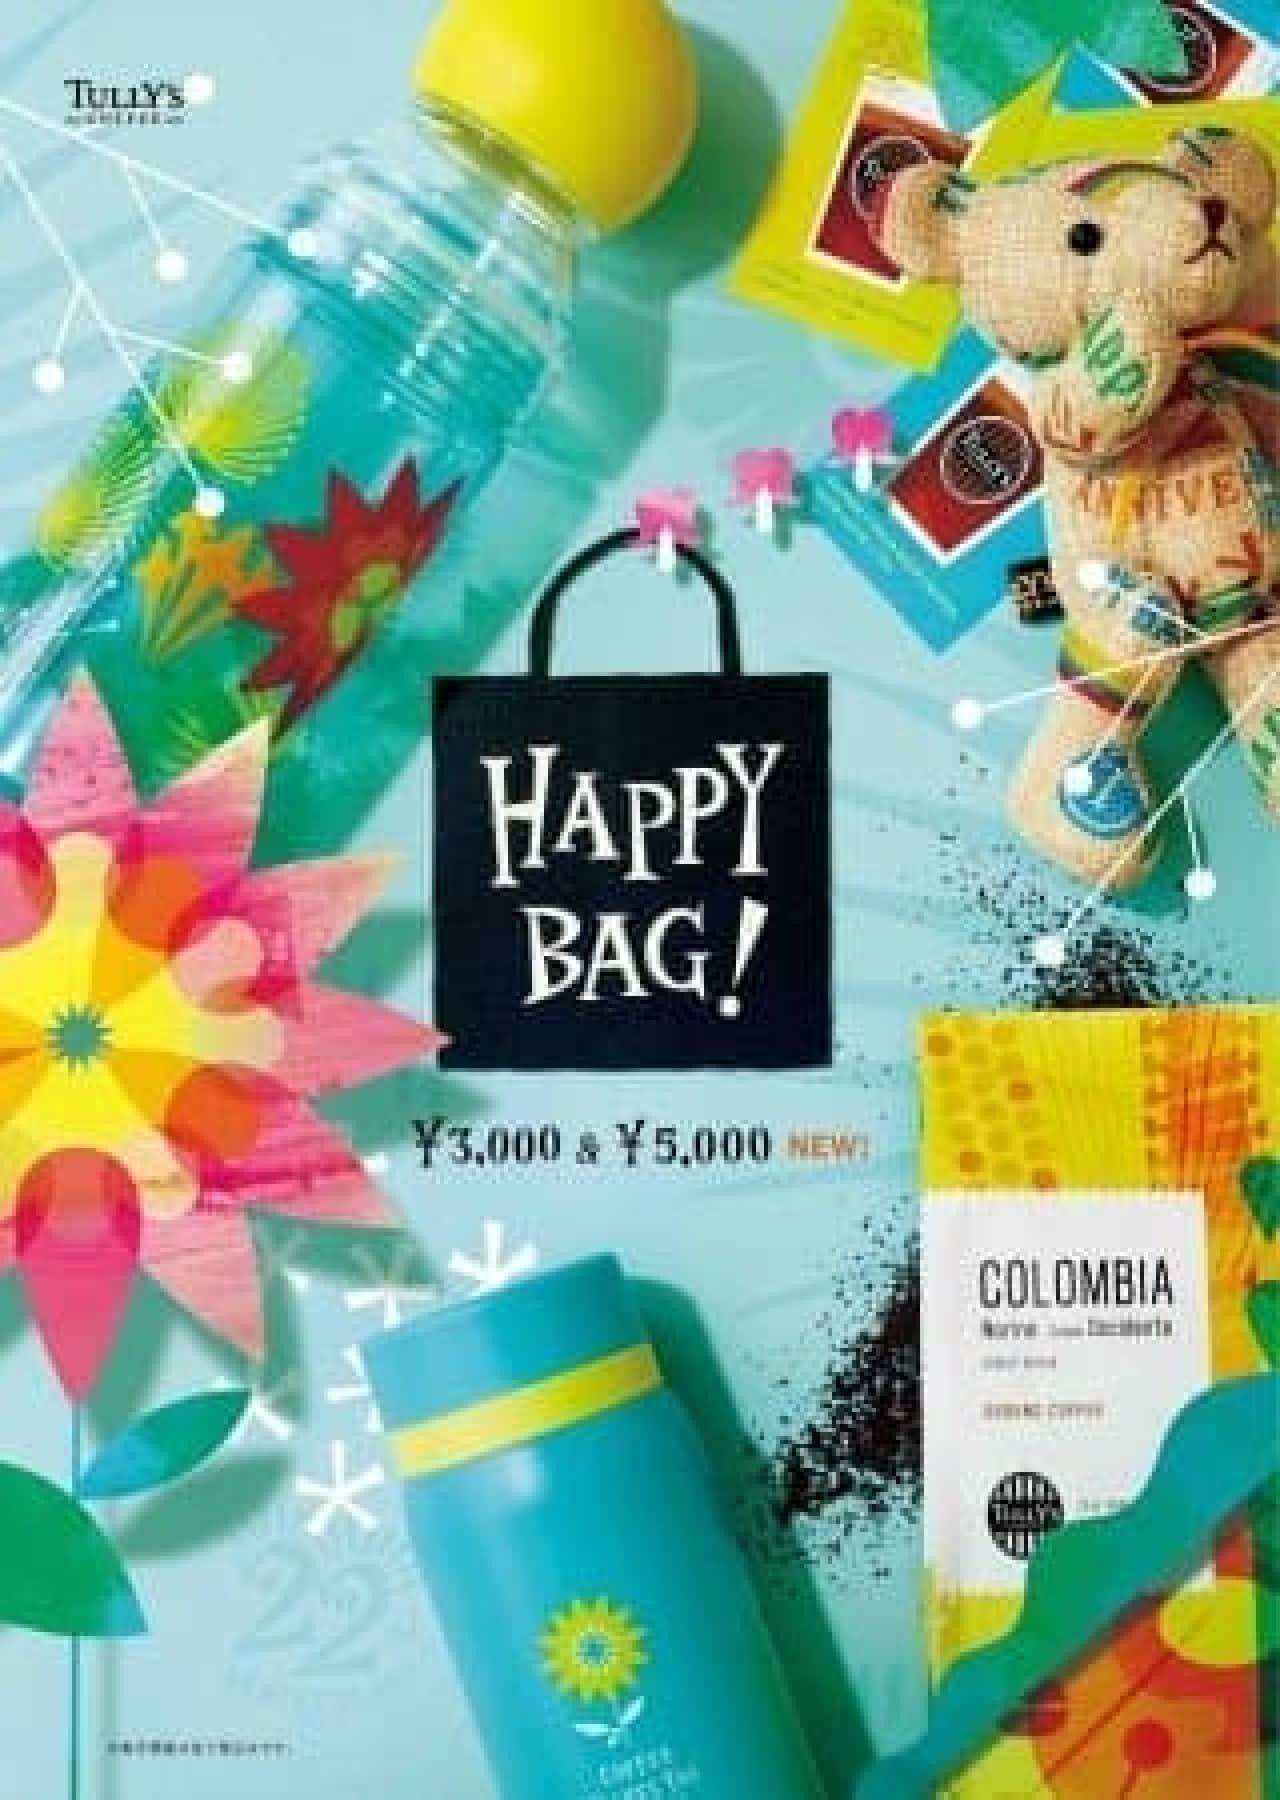 タリーズコーヒー「22nd Anniversary Happy Bag」